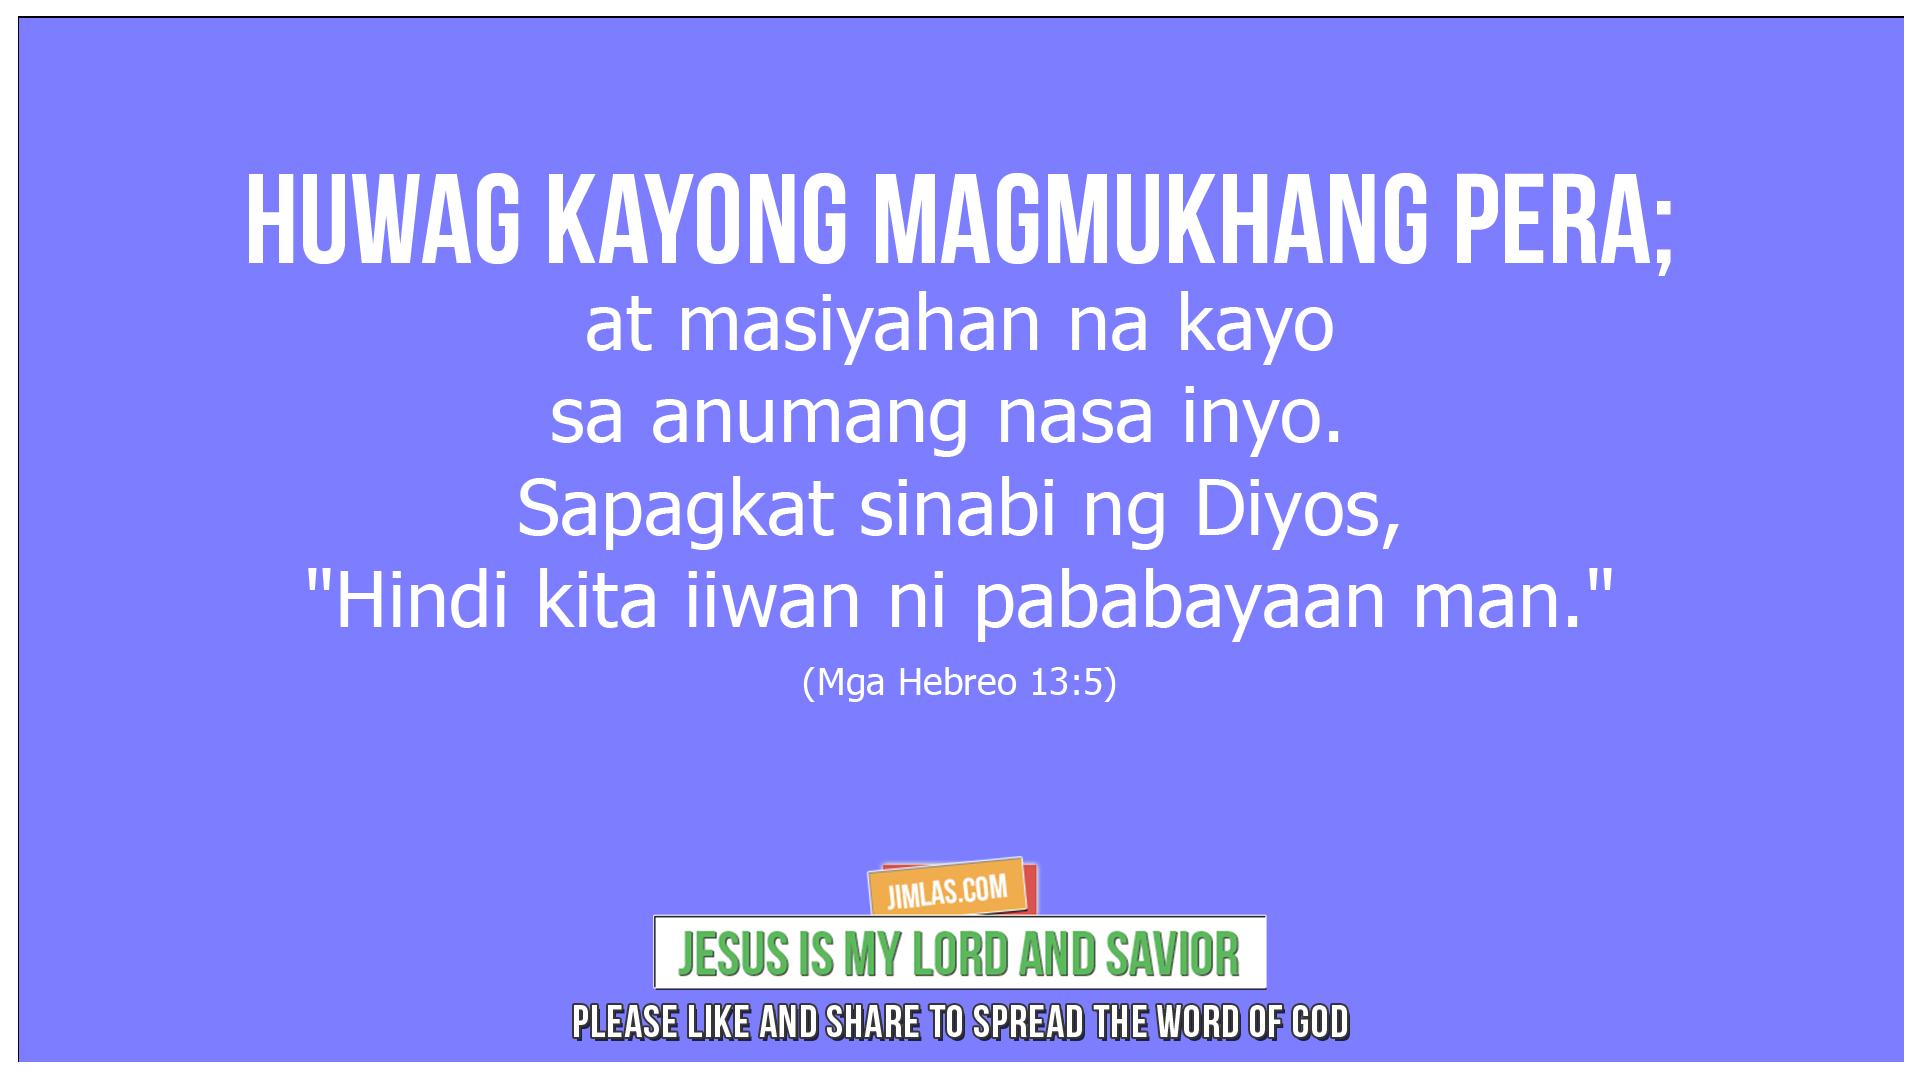 mga hebreo 13 5, Mga Hebreo 13:5